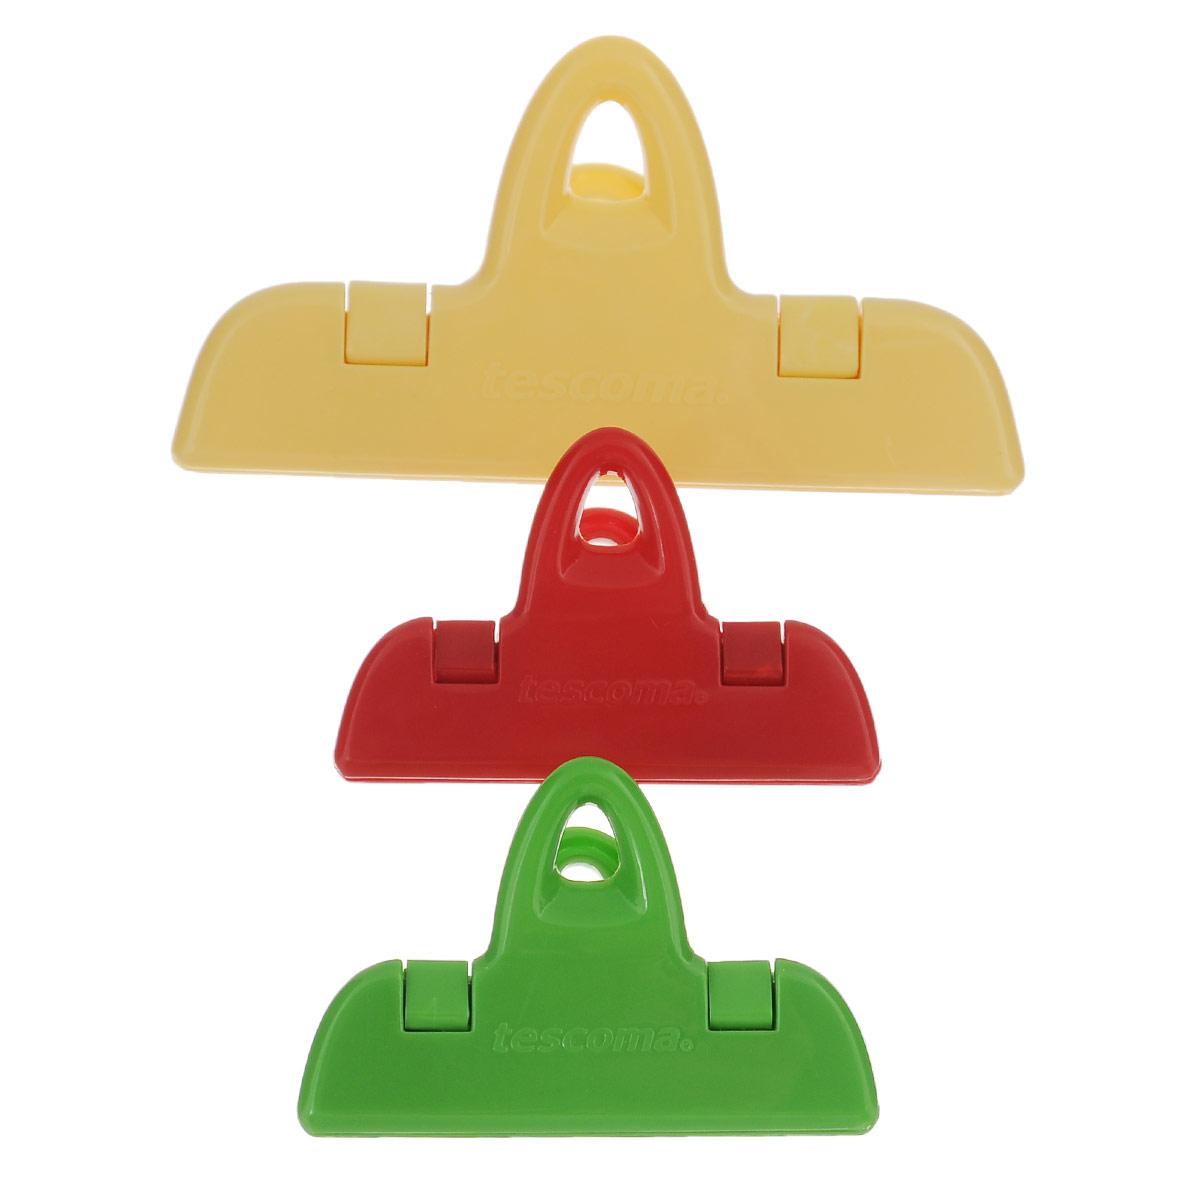 Набор клипс для пакетов Tescoma Presto, 3 шт420762Набор Tescoma Presto состоит из трех разноцветных клипс для пакетов, изготовленных из прочной пластмассы. Изделия отлично подходят для закрывания пакетов с пищевыми продуктами, например, кофе, круп, печенья, чипсов и т.д. С такими клипсами продукты более длительное время сохраняются свежими, содержимое пакета защищено от внешних воздействий и от насекомых. Клипсы подходят для холодильника и посудомоечной машины. Длина клипс: 7 см, 11 см.